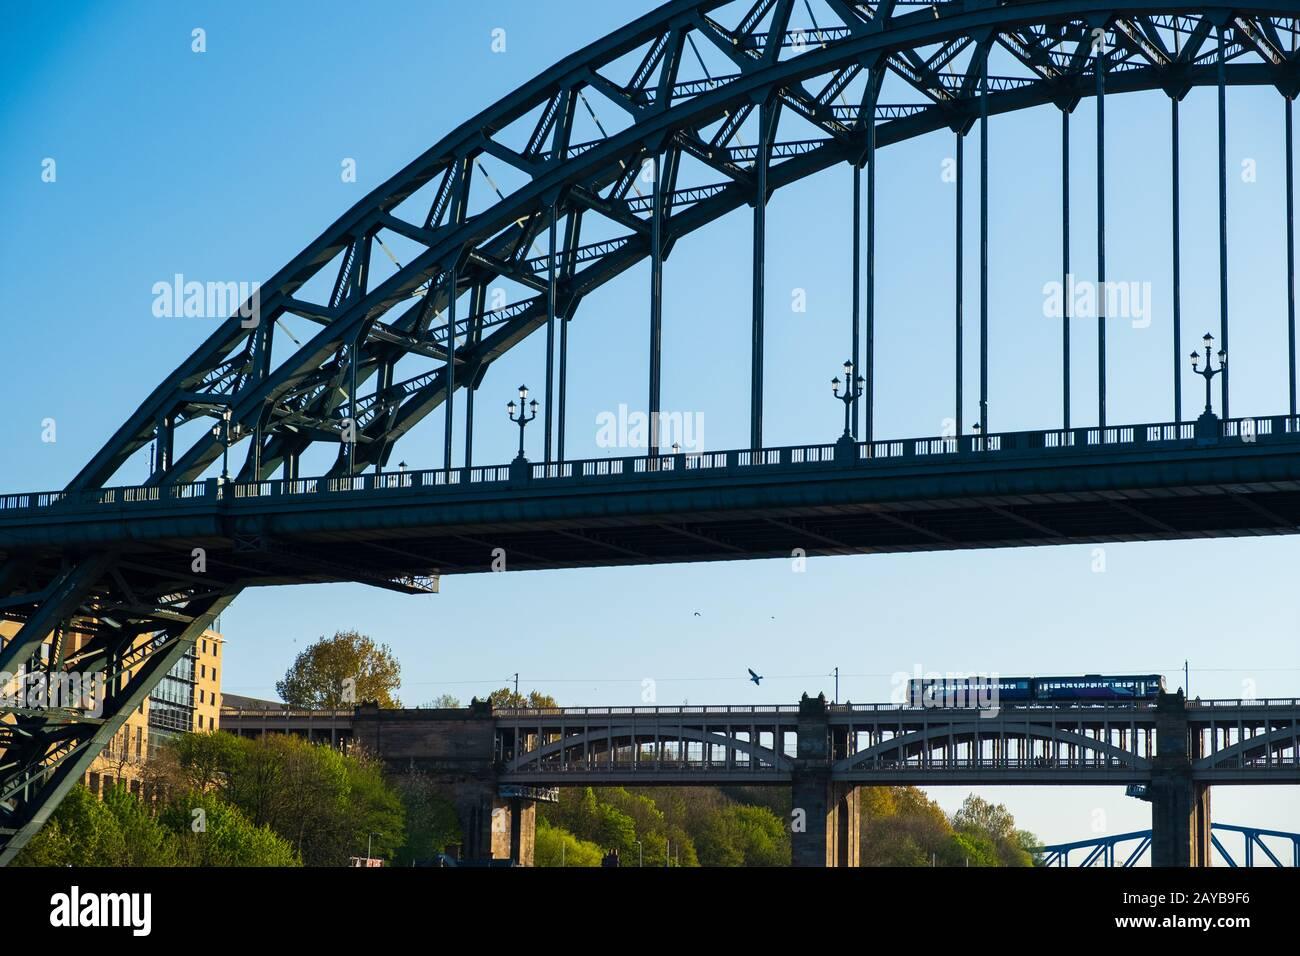 Vista de secciones del Puente Tyne y el Puente de Alto nivel en la distancia en Newcastle upon tyne, Inglaterra Foto de stock